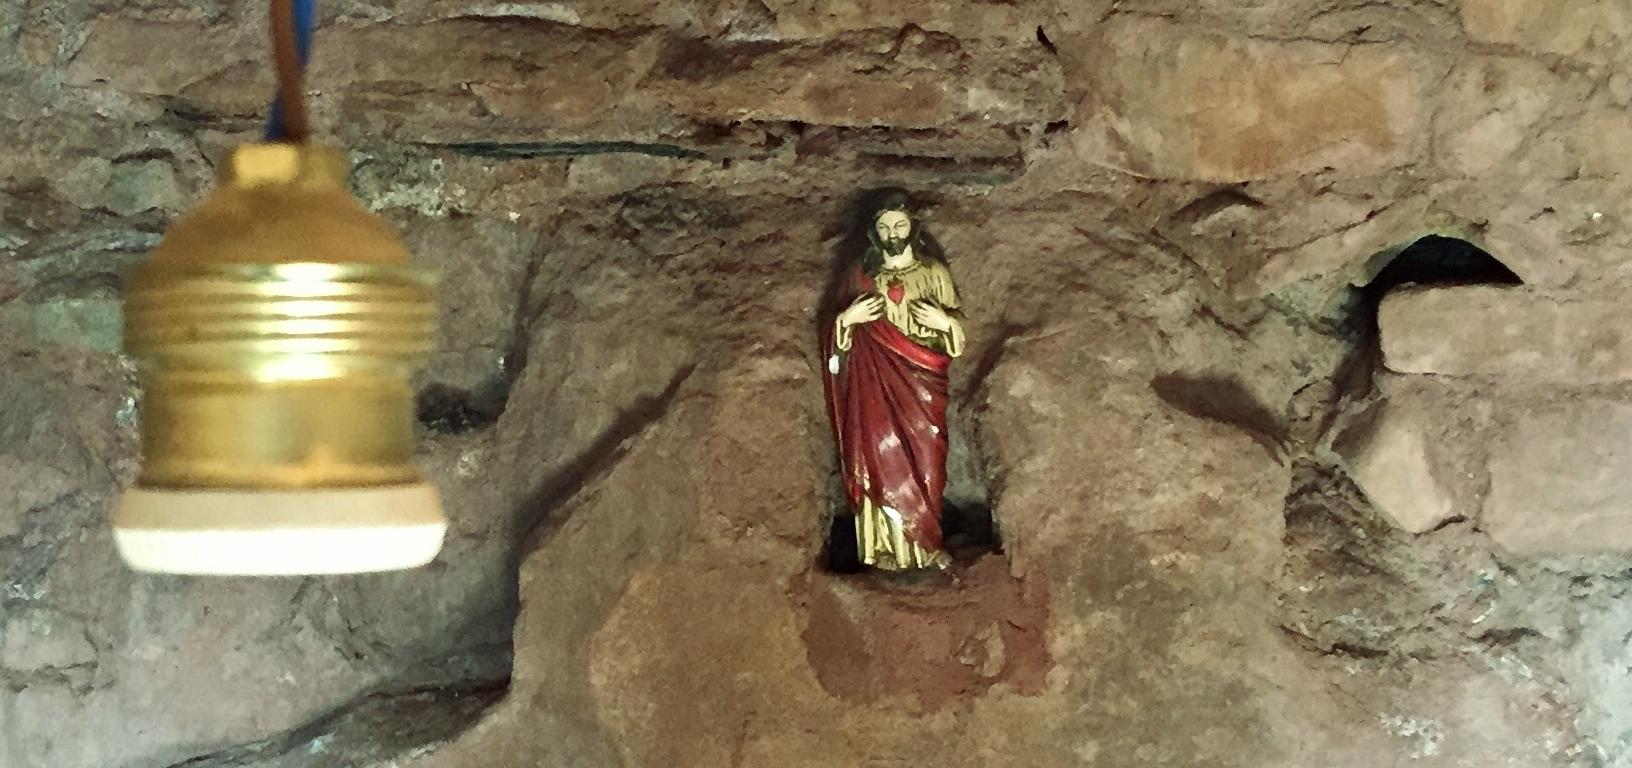 Sala de pregària a l'ermita de Sant Joan de la Muntanya, Montblanc.